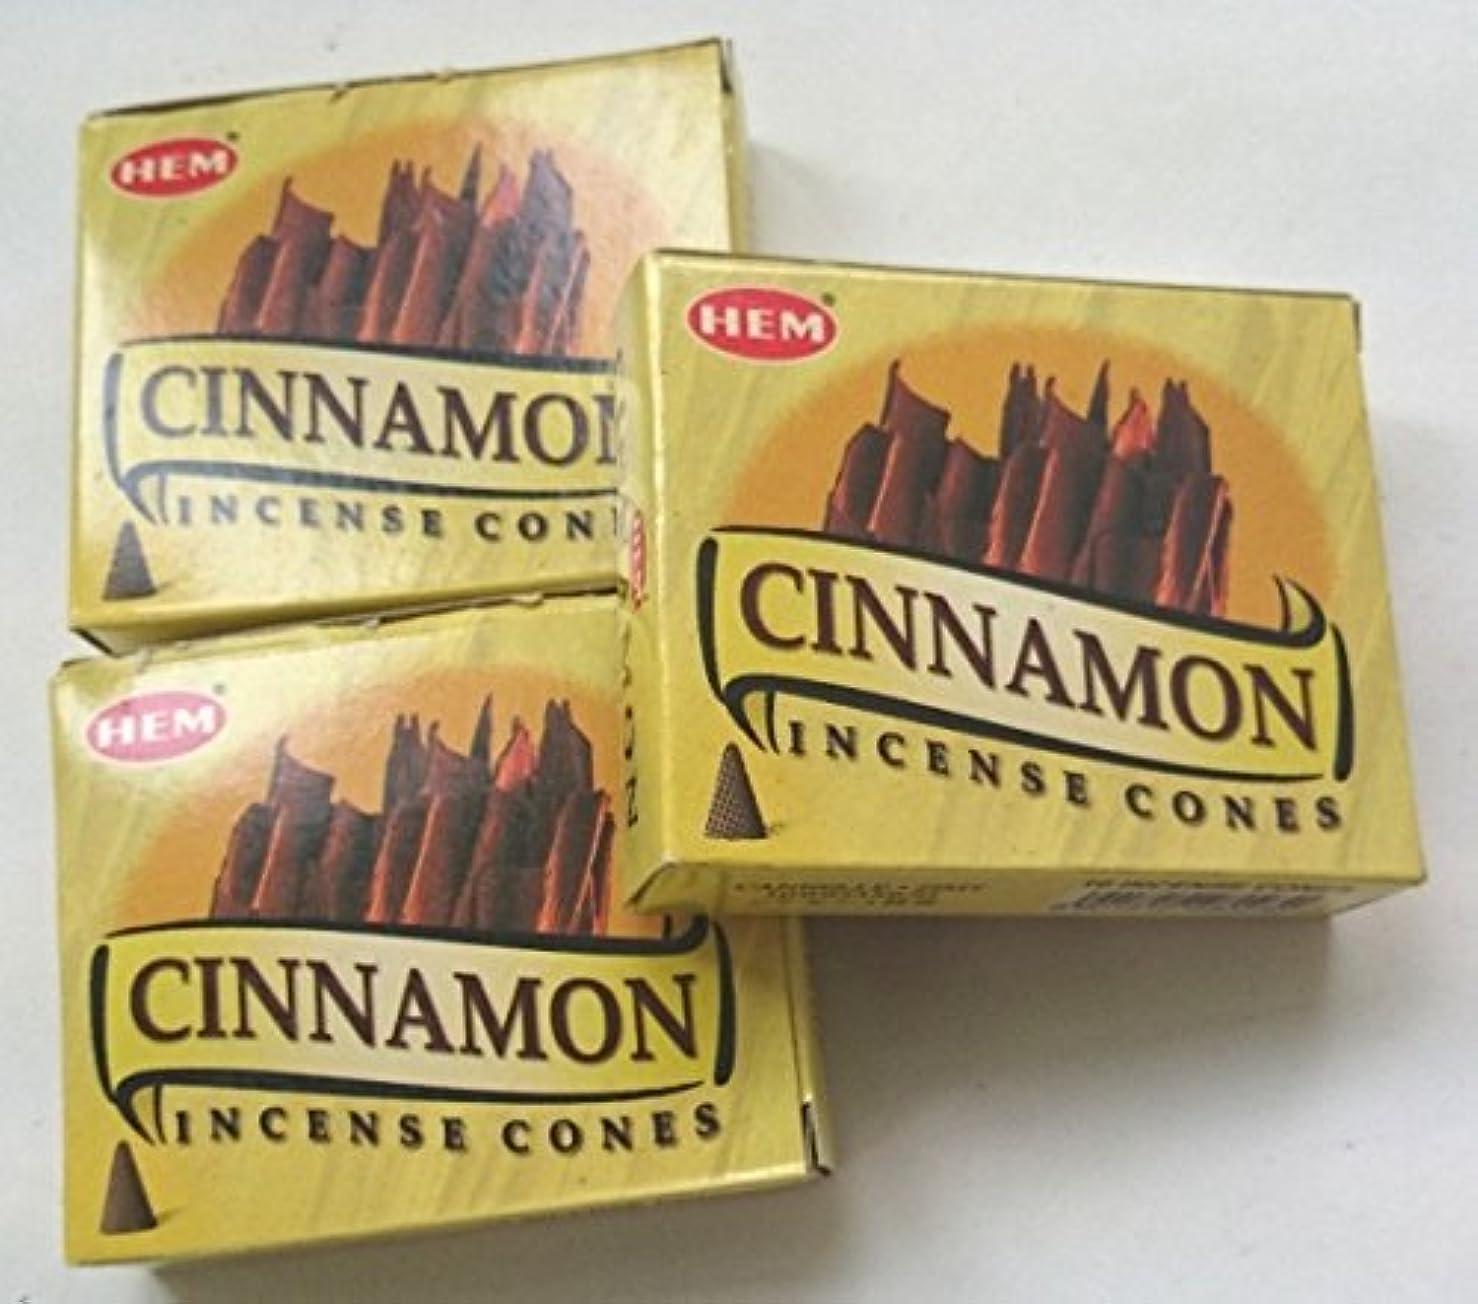 彼の商業の粒HEM(ヘム)お香 シナモン コーン 3個セット